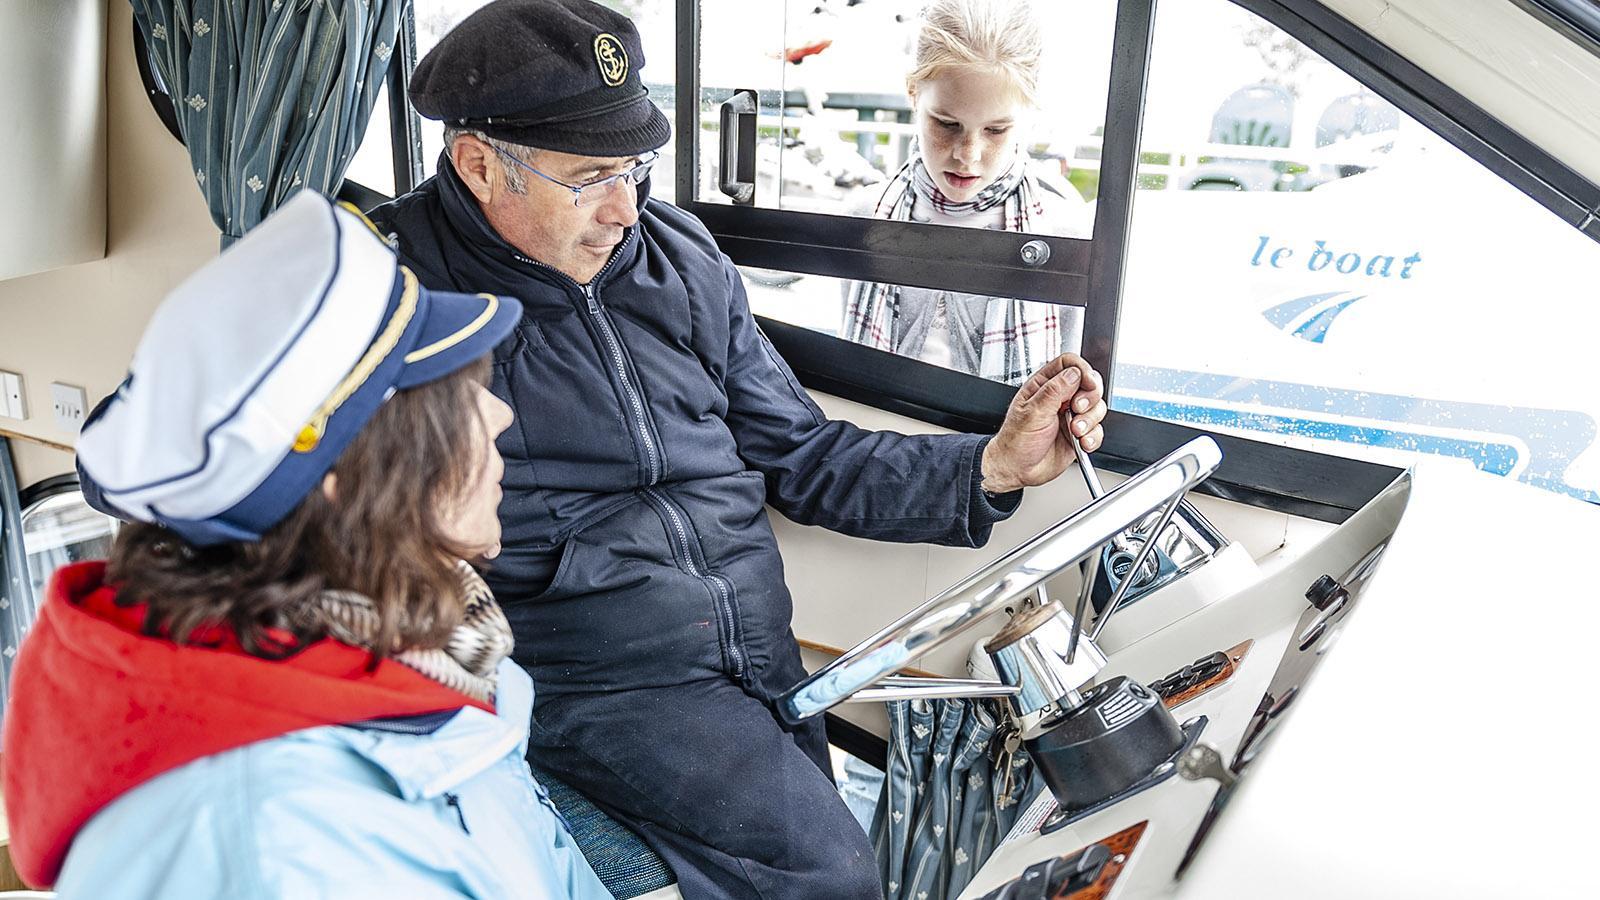 Le Boat: Der Innen-Steuerstand an Bord von MS Caprice. Foto: Hilke Maunder